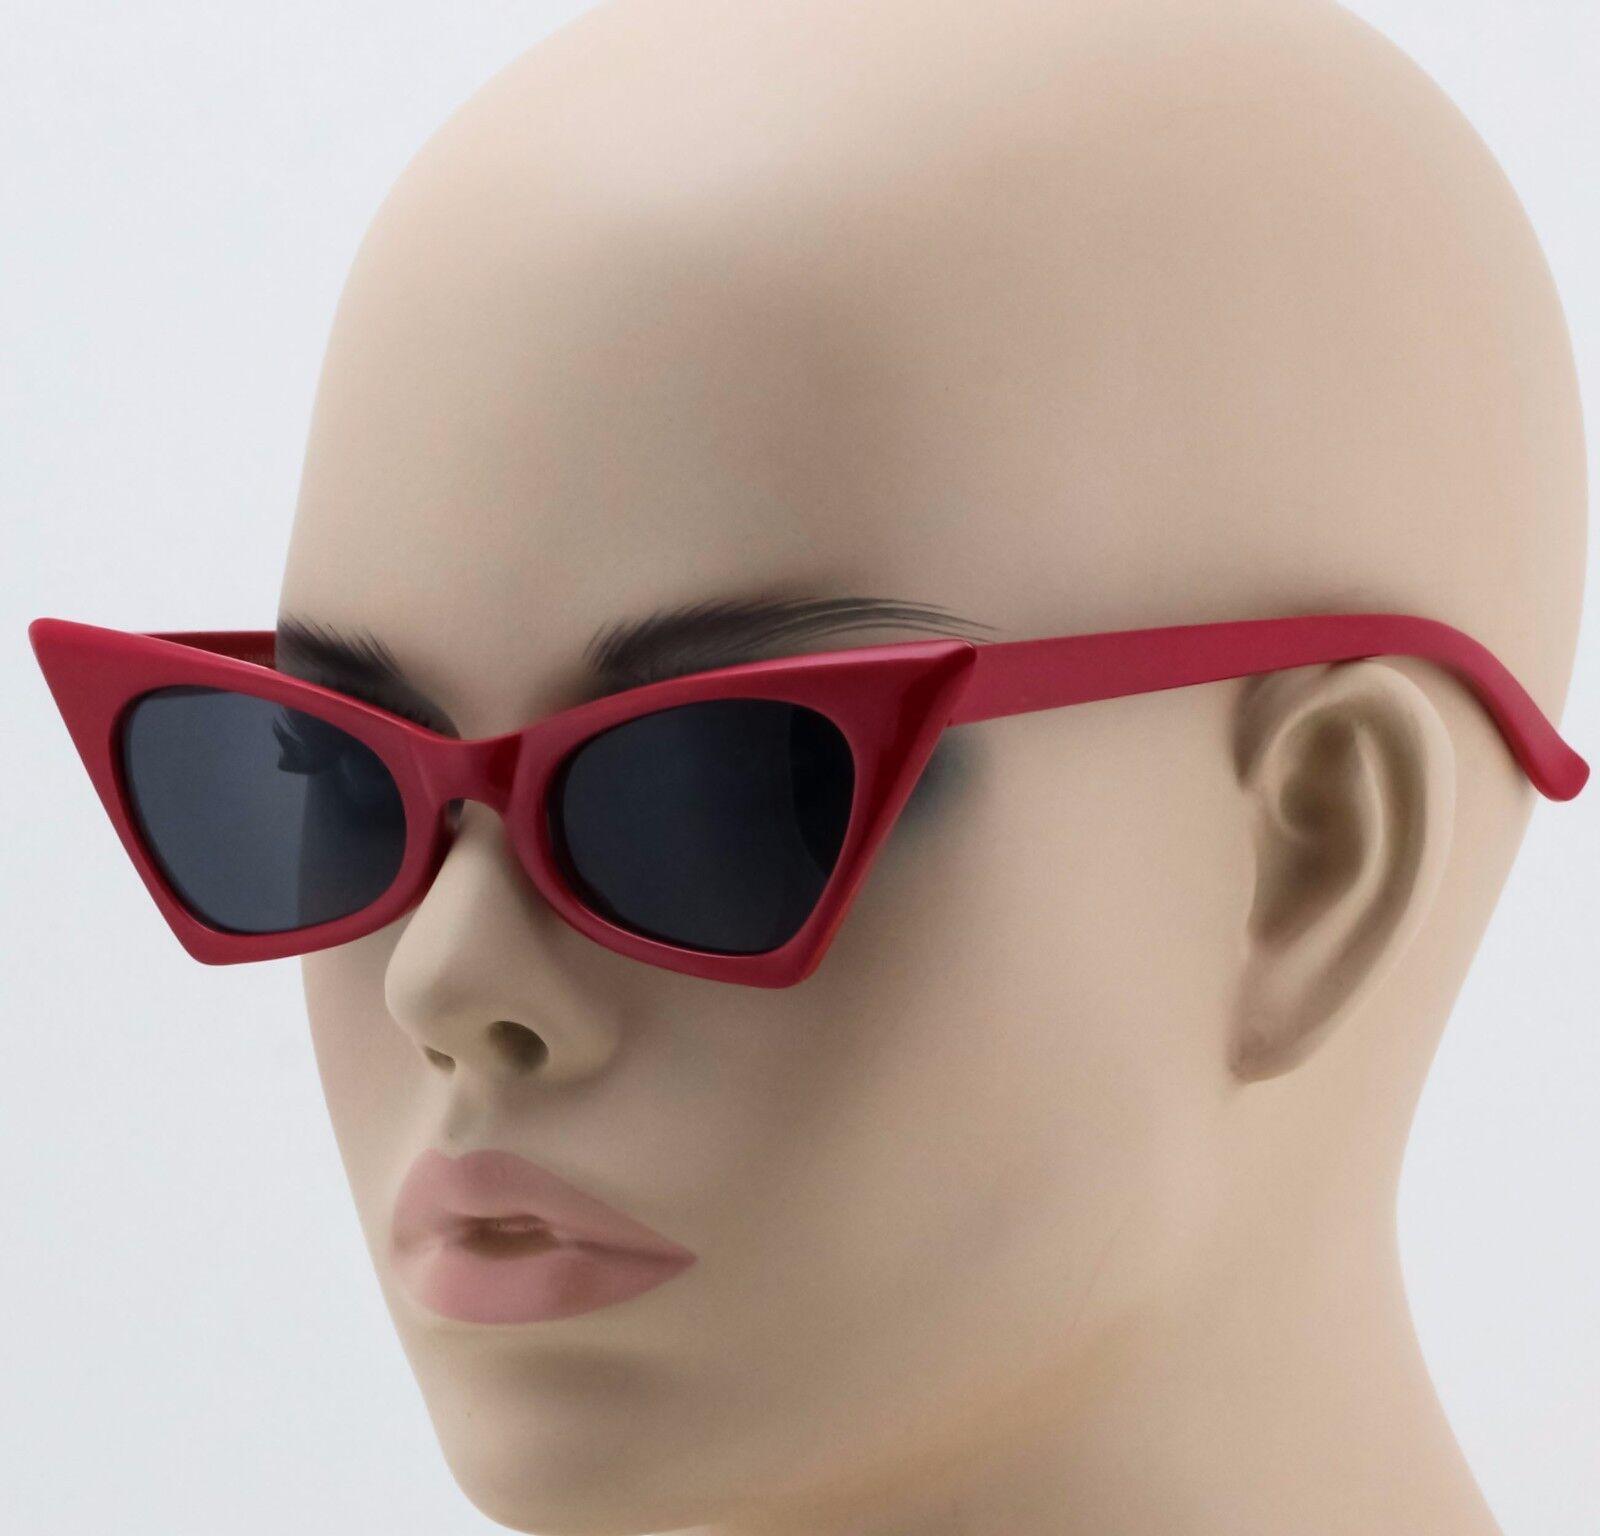 New sunglasses in fashion 98